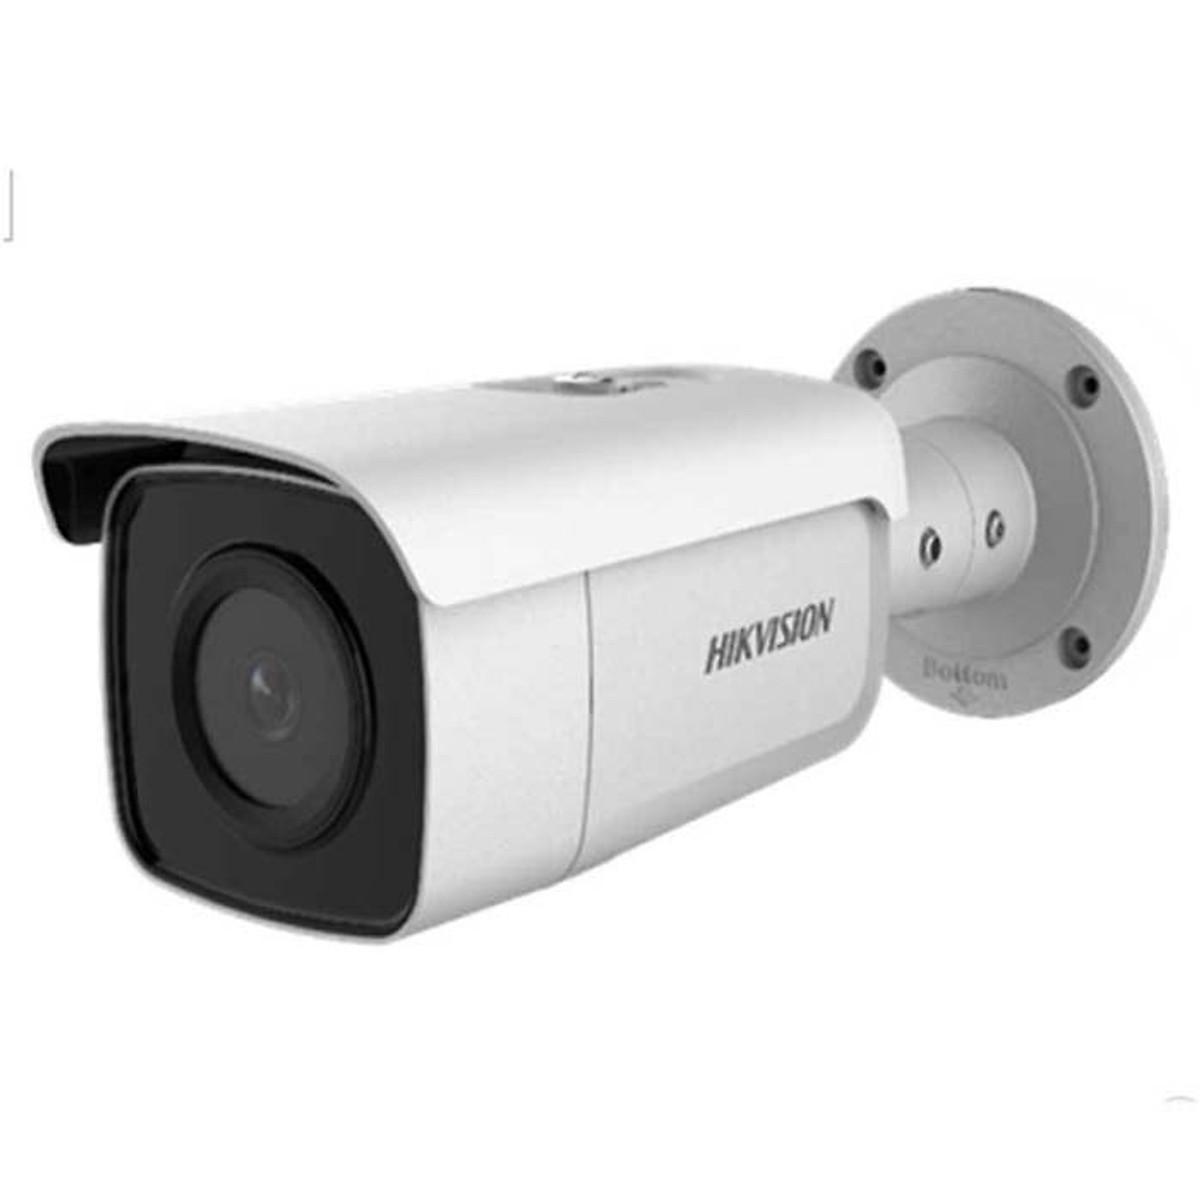 Camera IP HIKVISION DS-2CD2T26G1-2I 2MP Thân Trụ Lắp Ngoài Trời – Hàng Chính Hãng